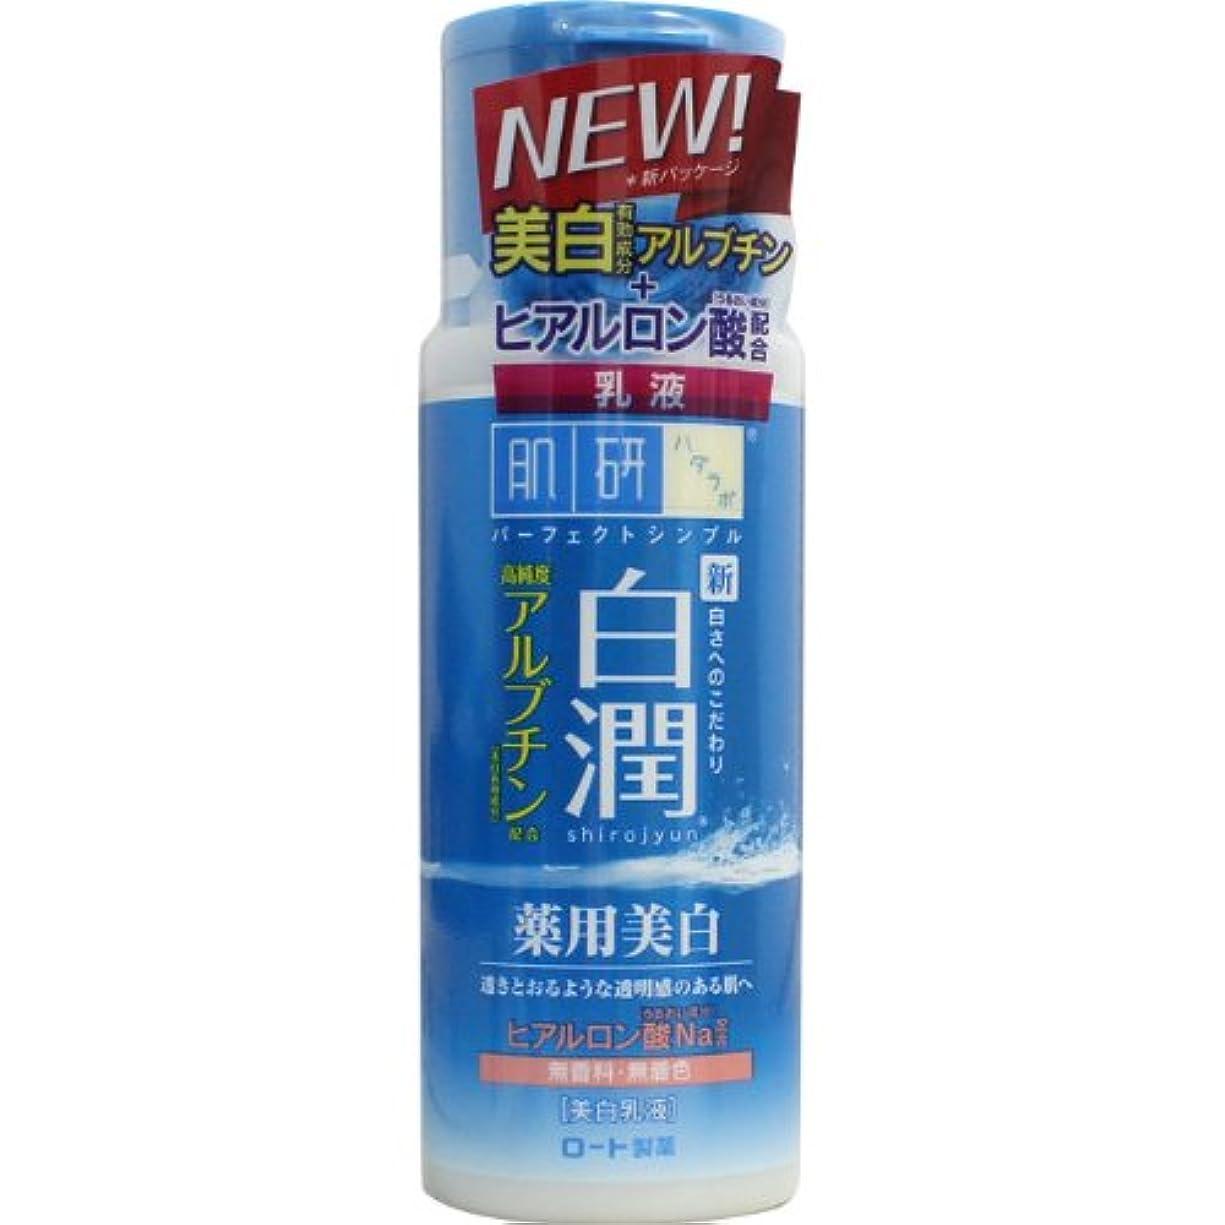 準備した富色【医薬部外品】肌ラボ 白潤 高純度アルブチン×ビタミンC配合 薬用美白乳液 140mLg